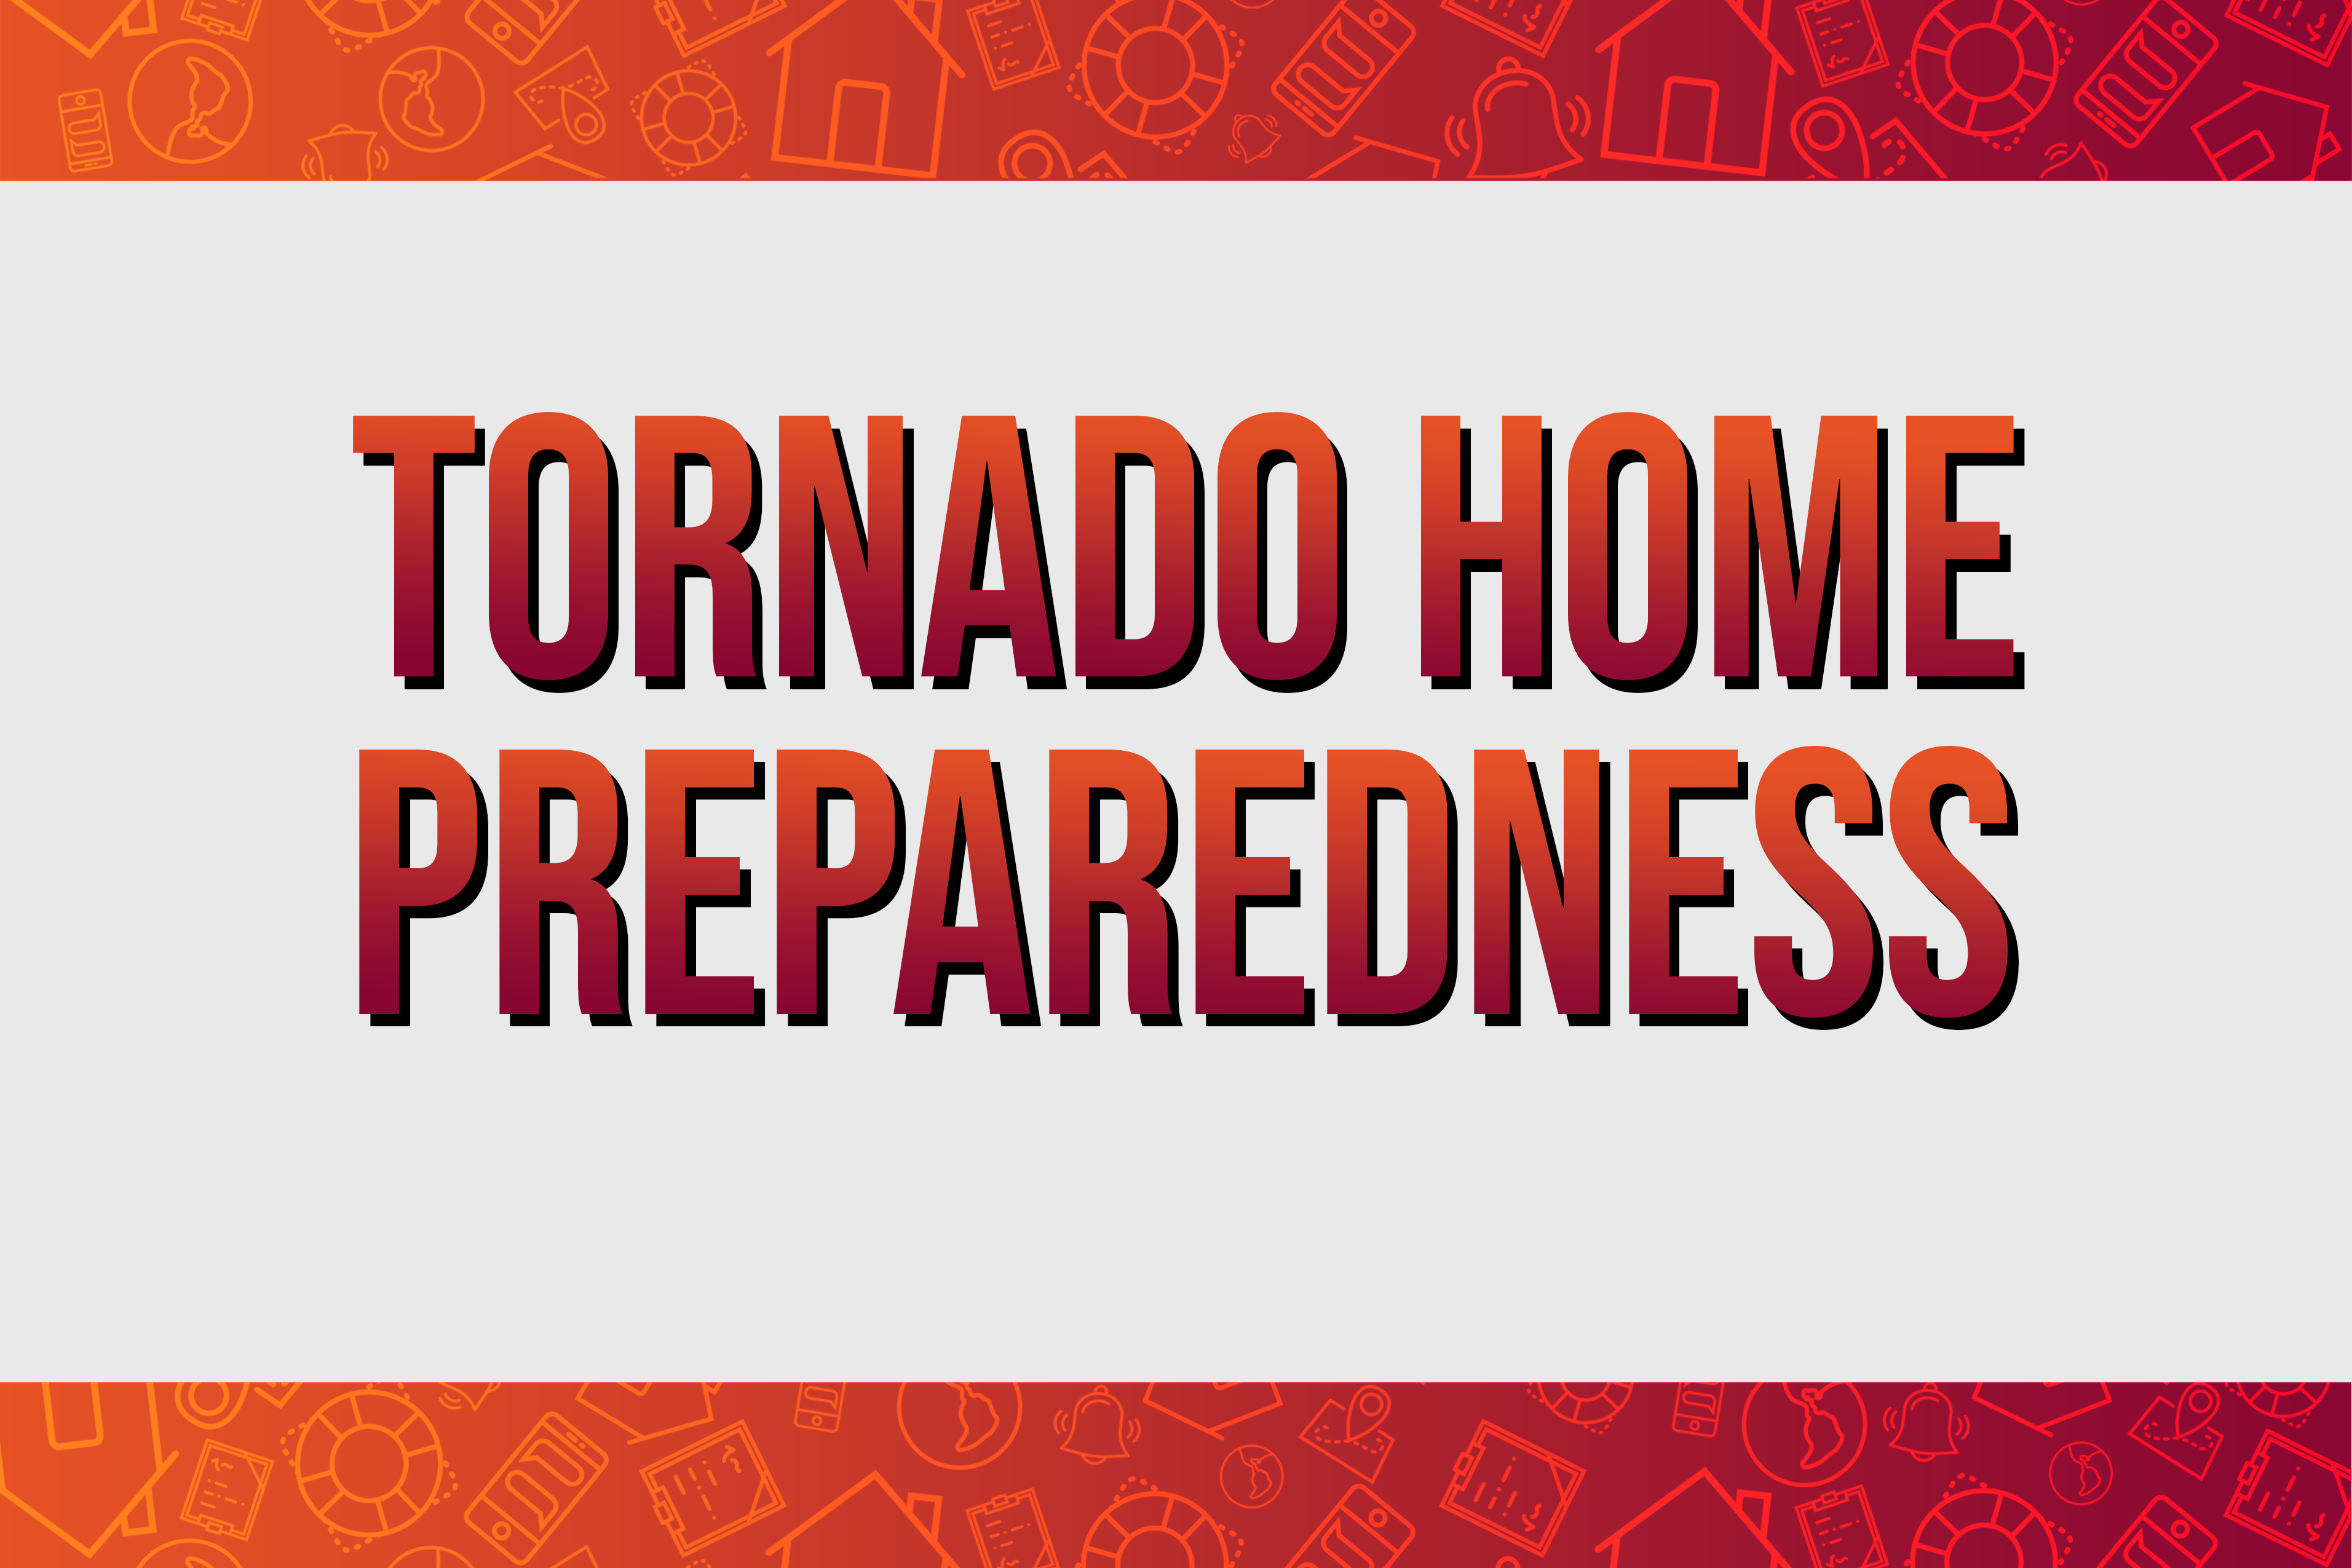 Tornado Home Prepadness